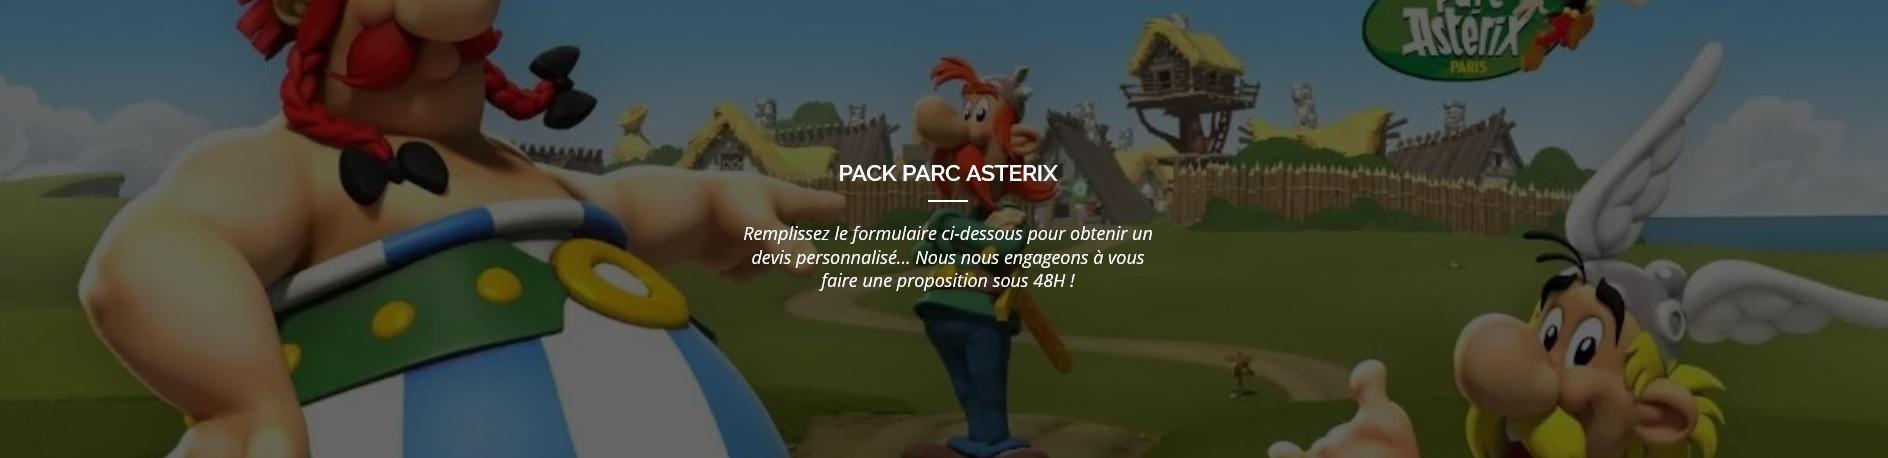 Pack Parc Astérix